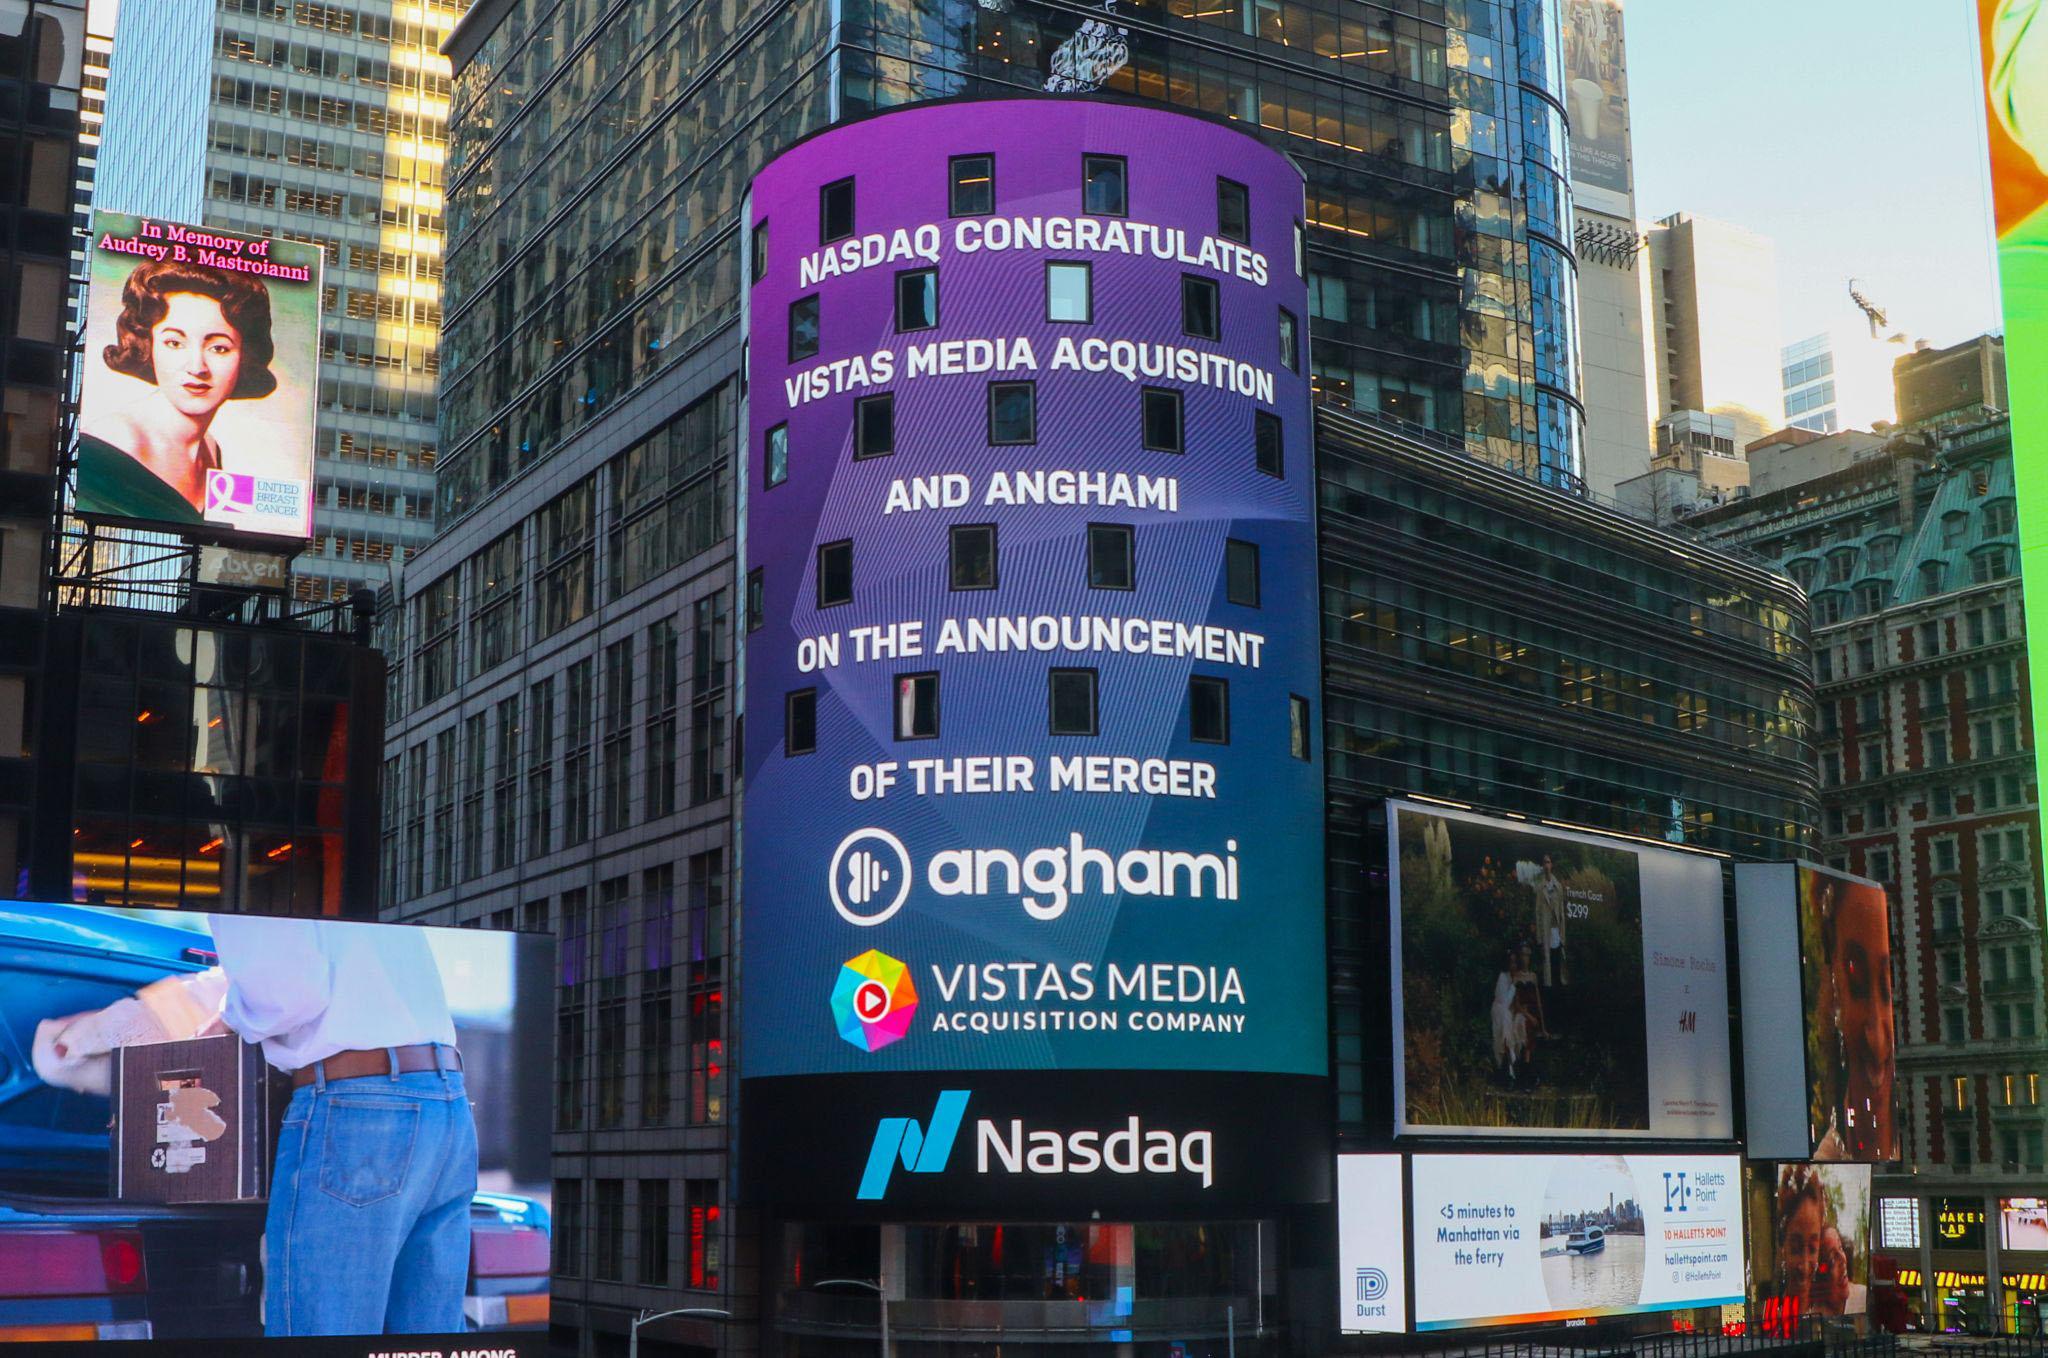 anghami listed on nadsaq new york